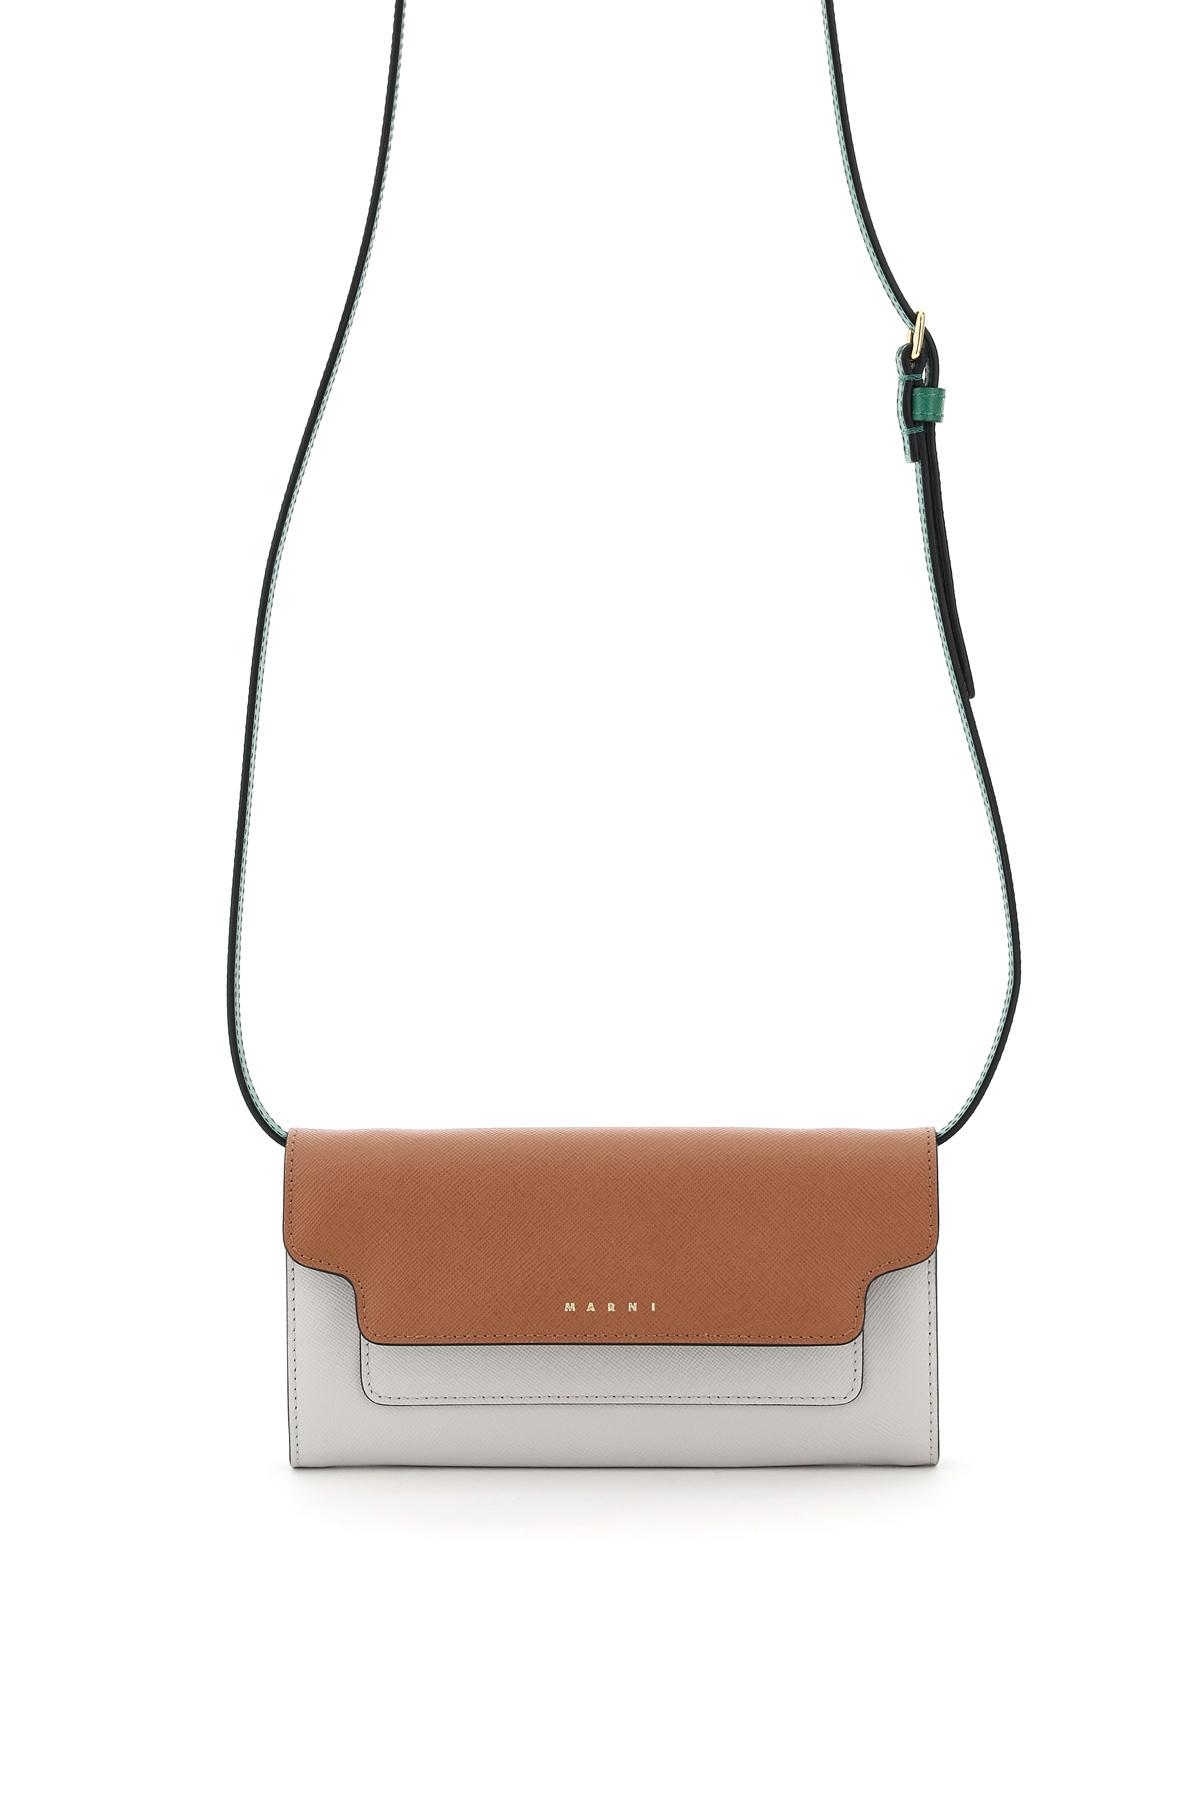 Marni mini bag portafoglio multicolor con tracolla